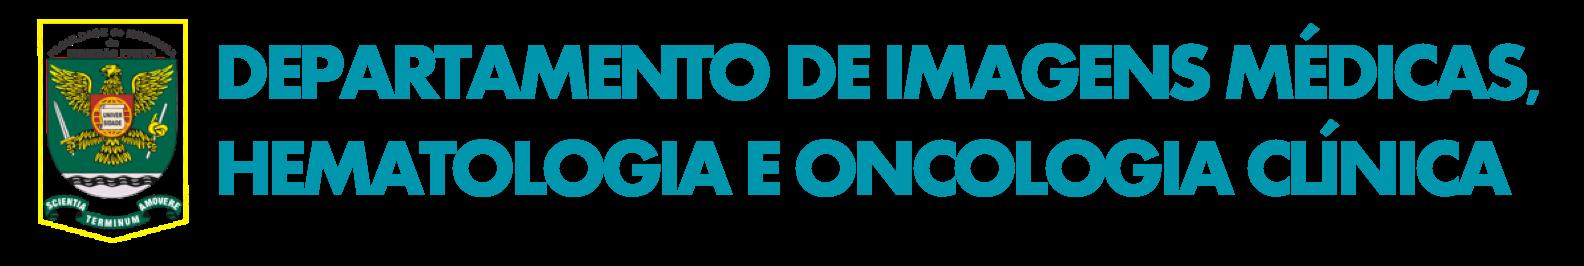 Departamento de Imagens Médicas, Hematologia e Oncologia Clínica